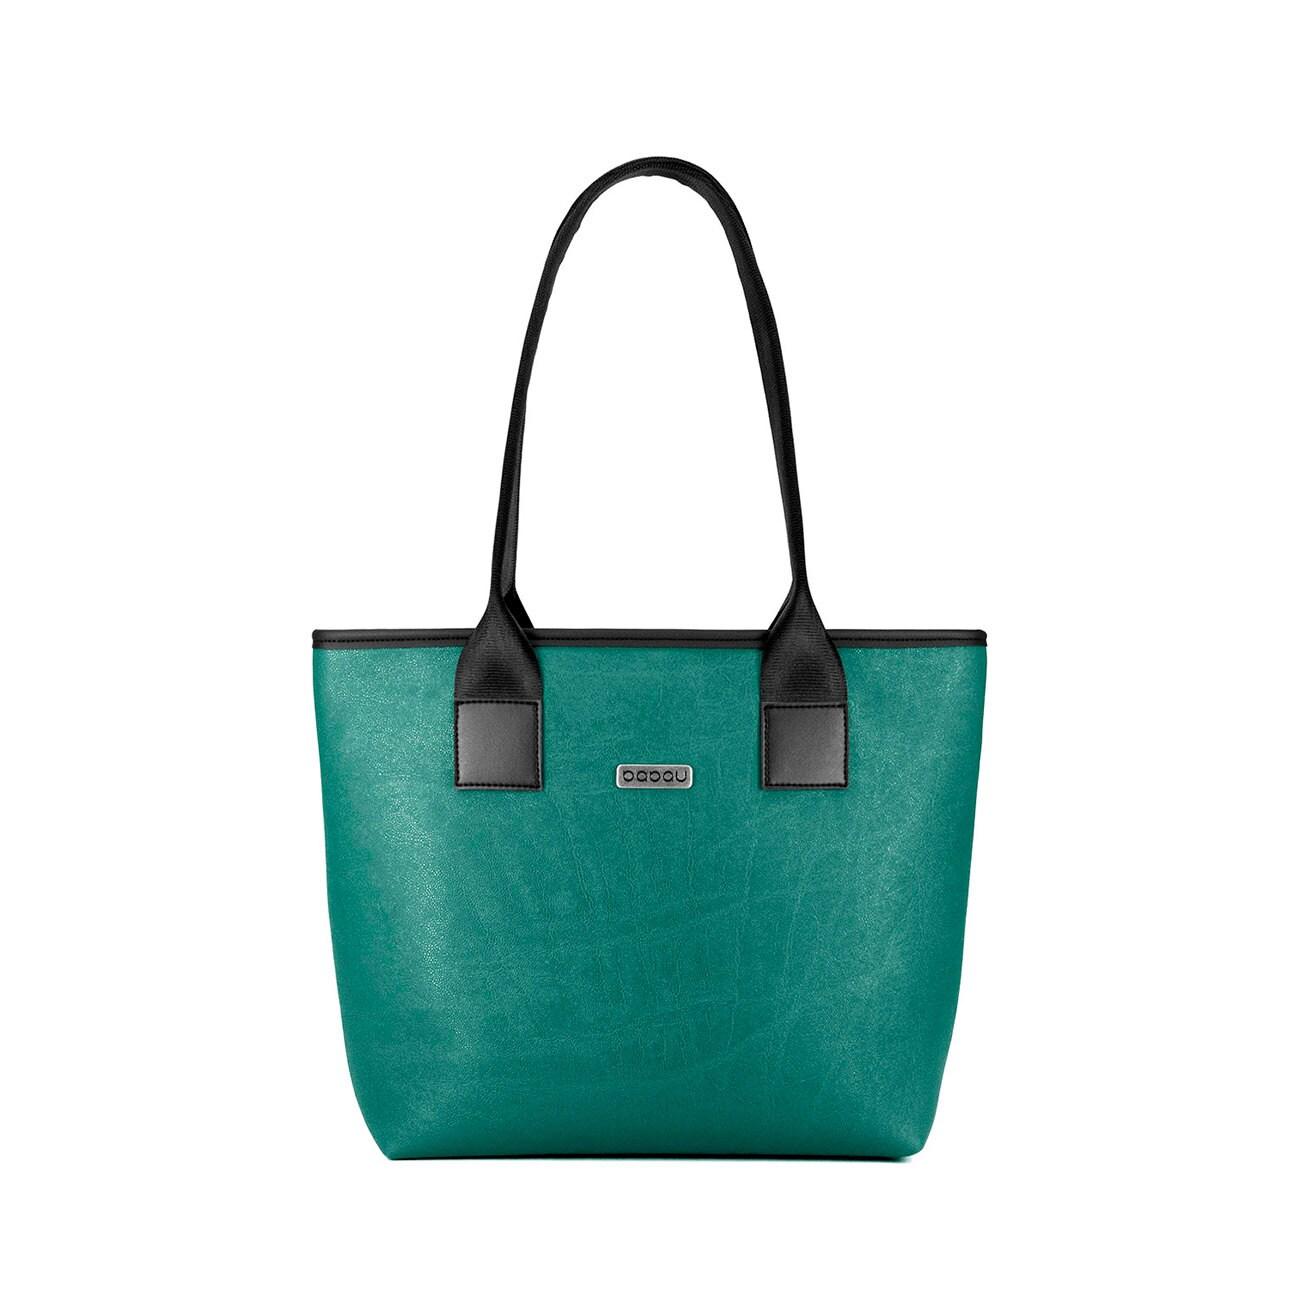 Bolso color turquesa con luz interior integrada por babaubarcelona - Bolso con luz interior ...